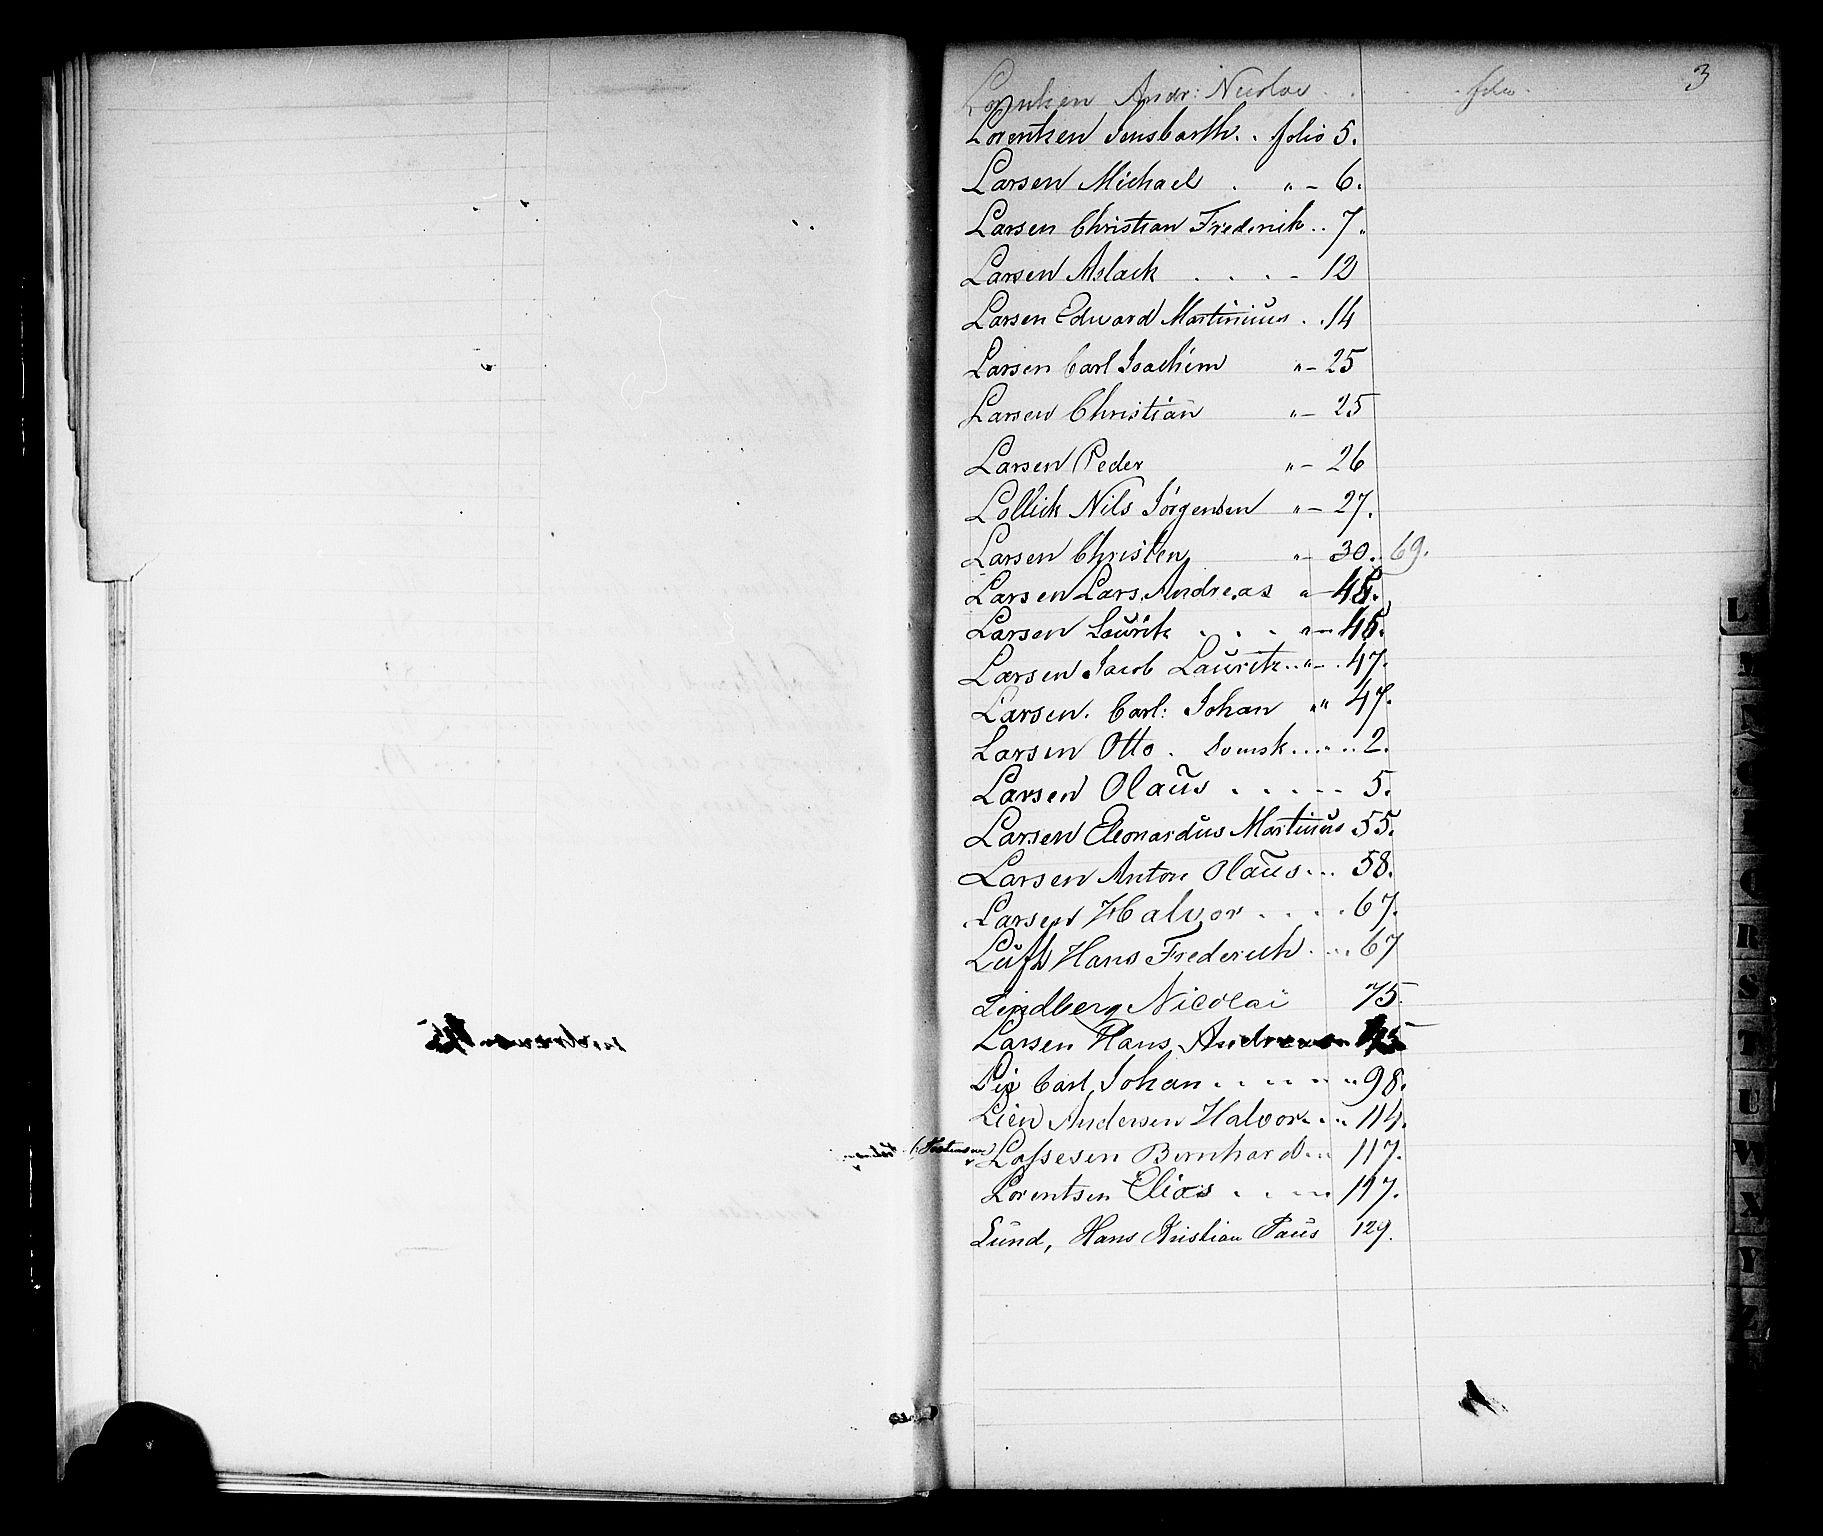 SAKO, Porsgrunn innrulleringskontor, F/Fb/L0001: Annotasjonsrulle, 1860-1868, s. 13